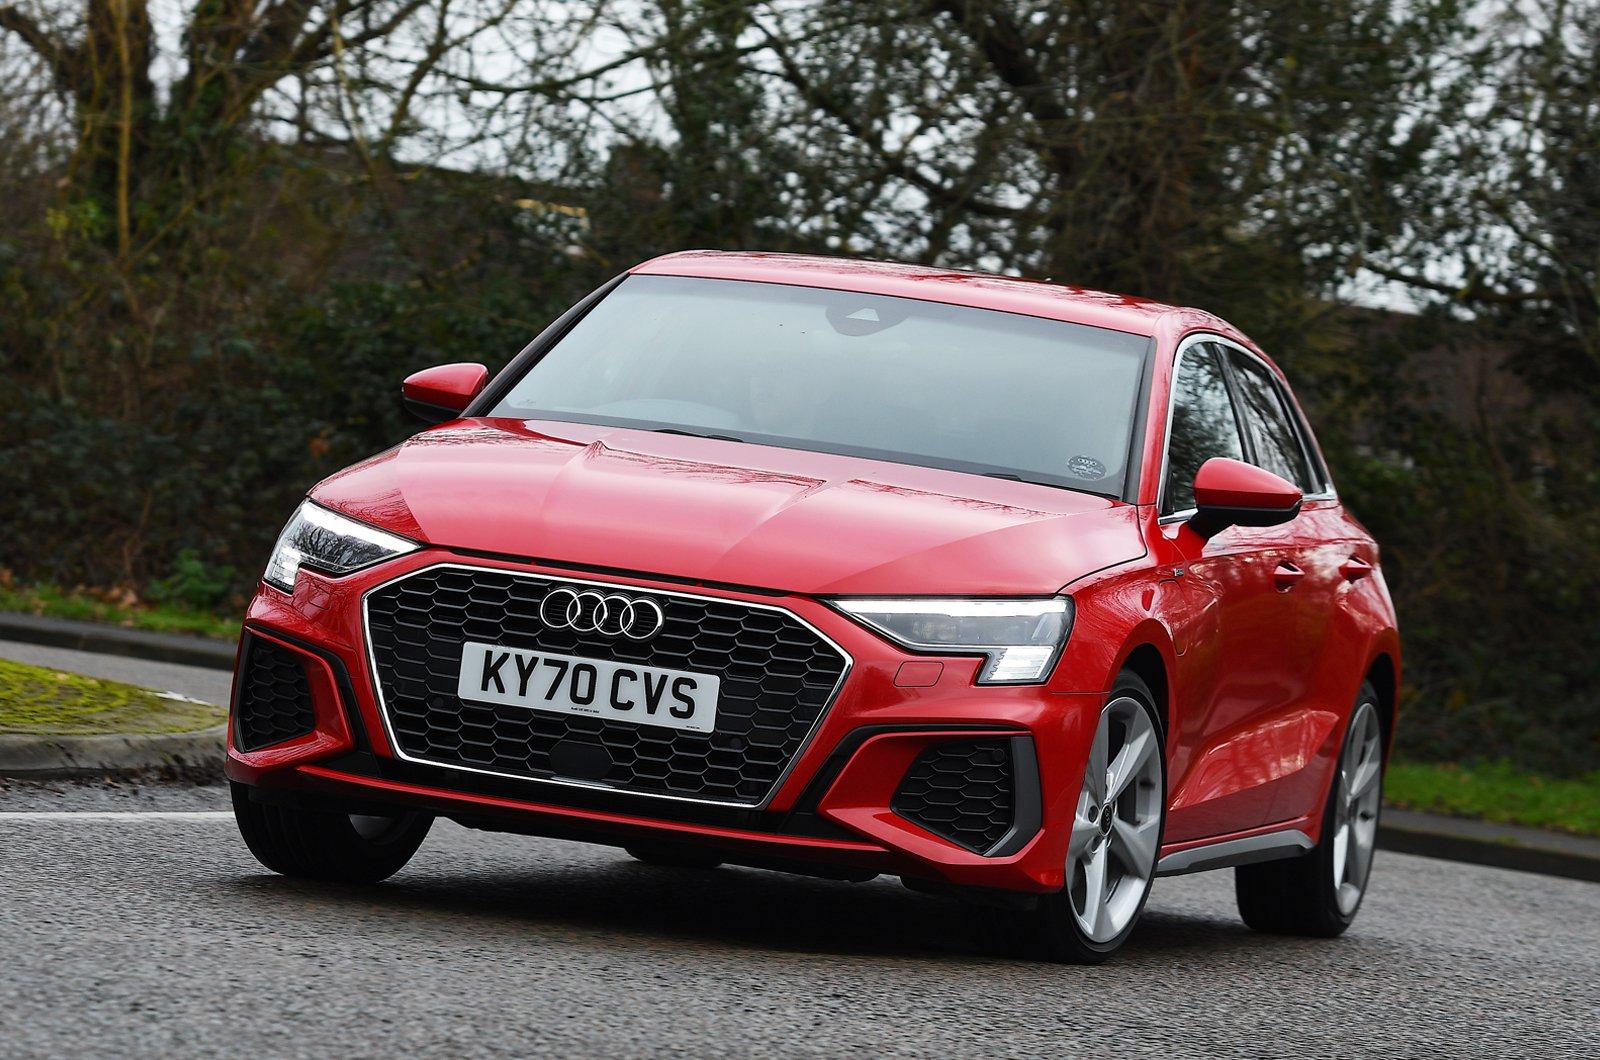 Premio auto elettrica dell'anno 2021 - Audi A3 40 TFSIe